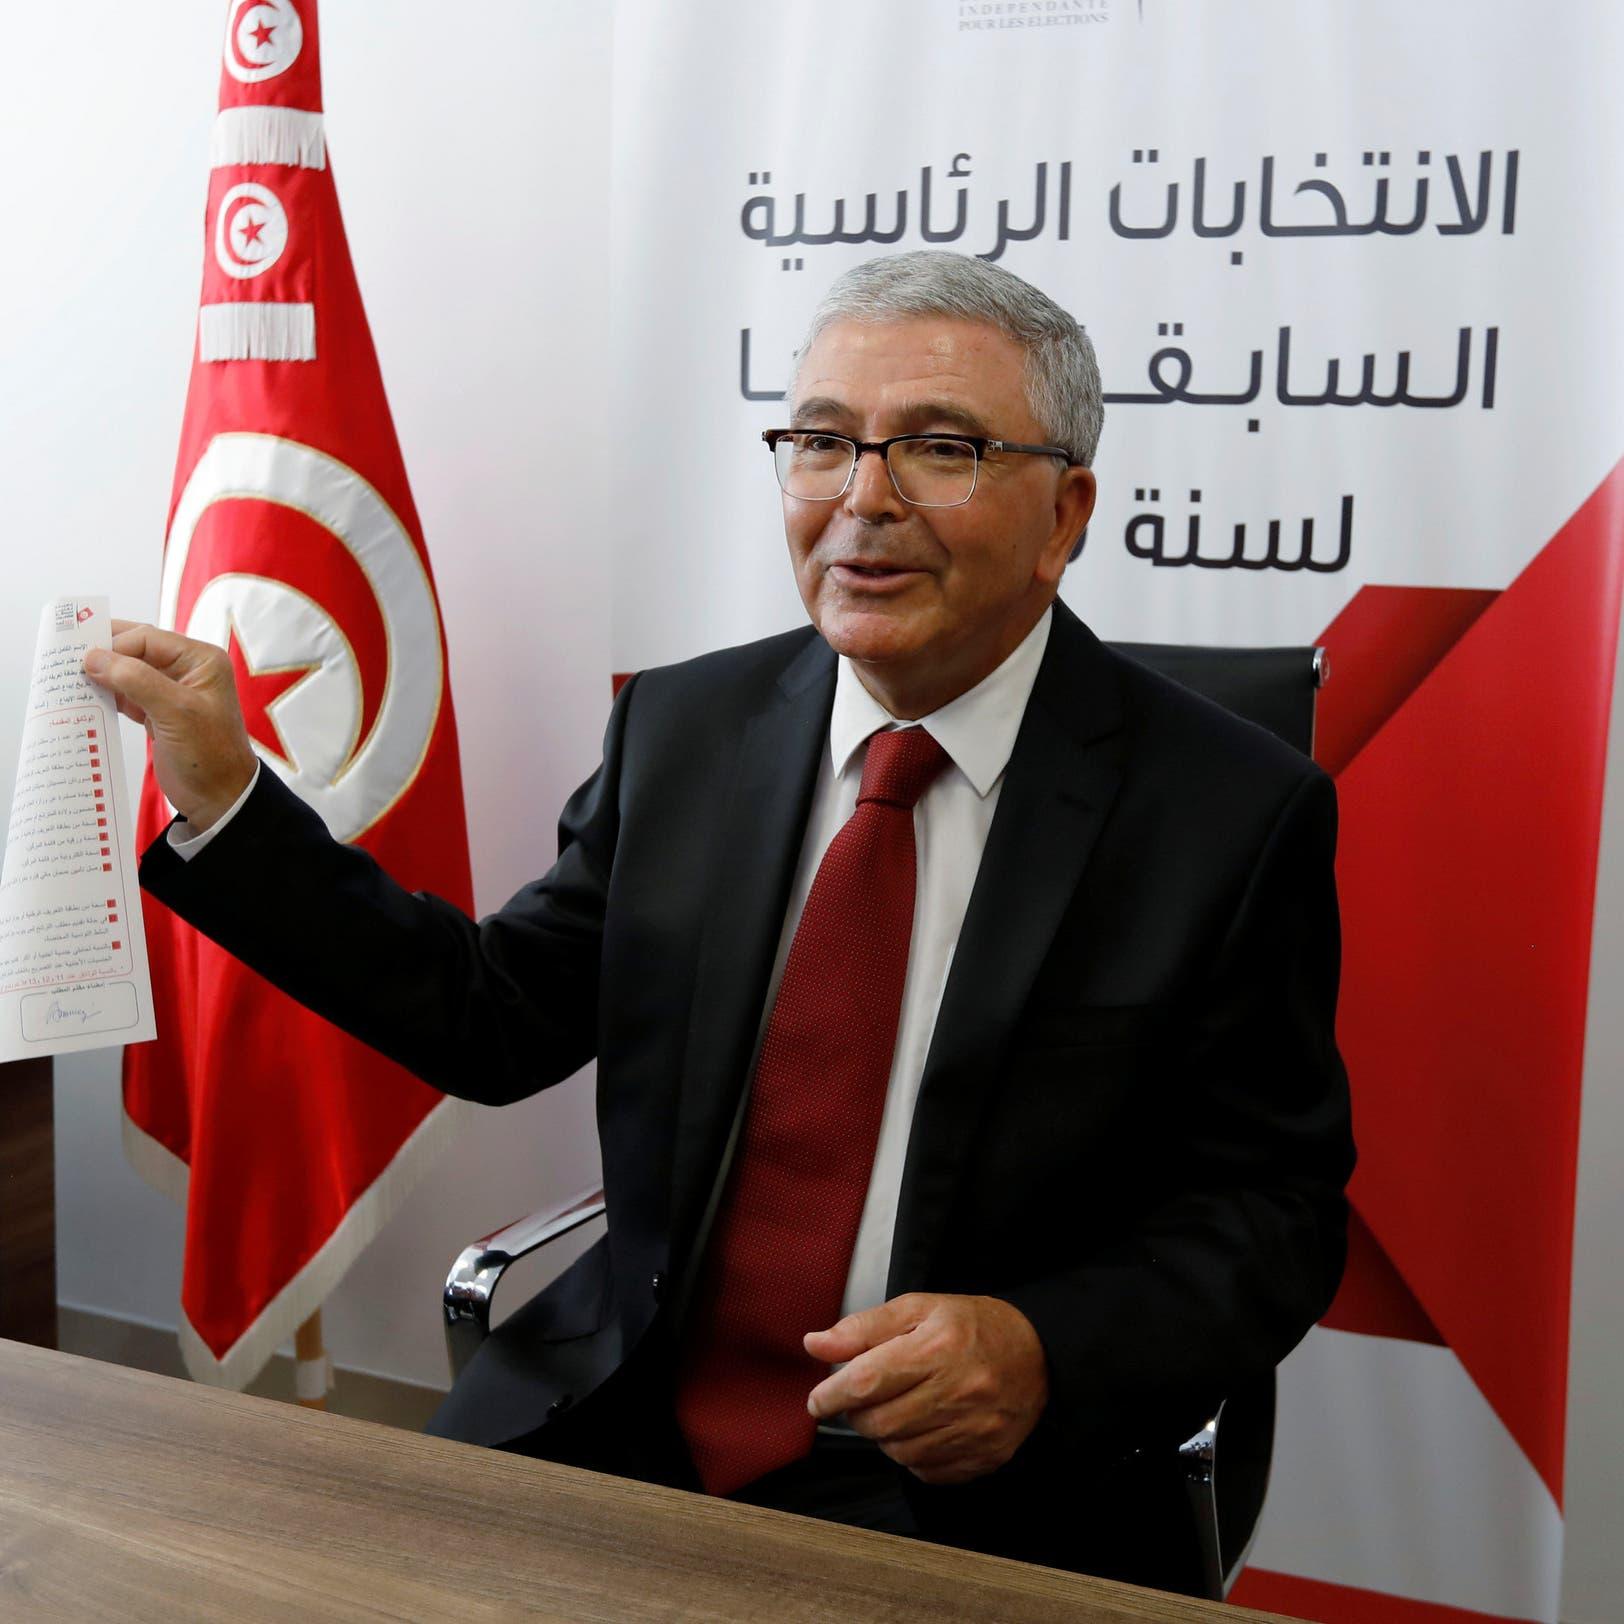 إغلاق باب الترشح.. 98 يتنافسون على رئاسة تونس